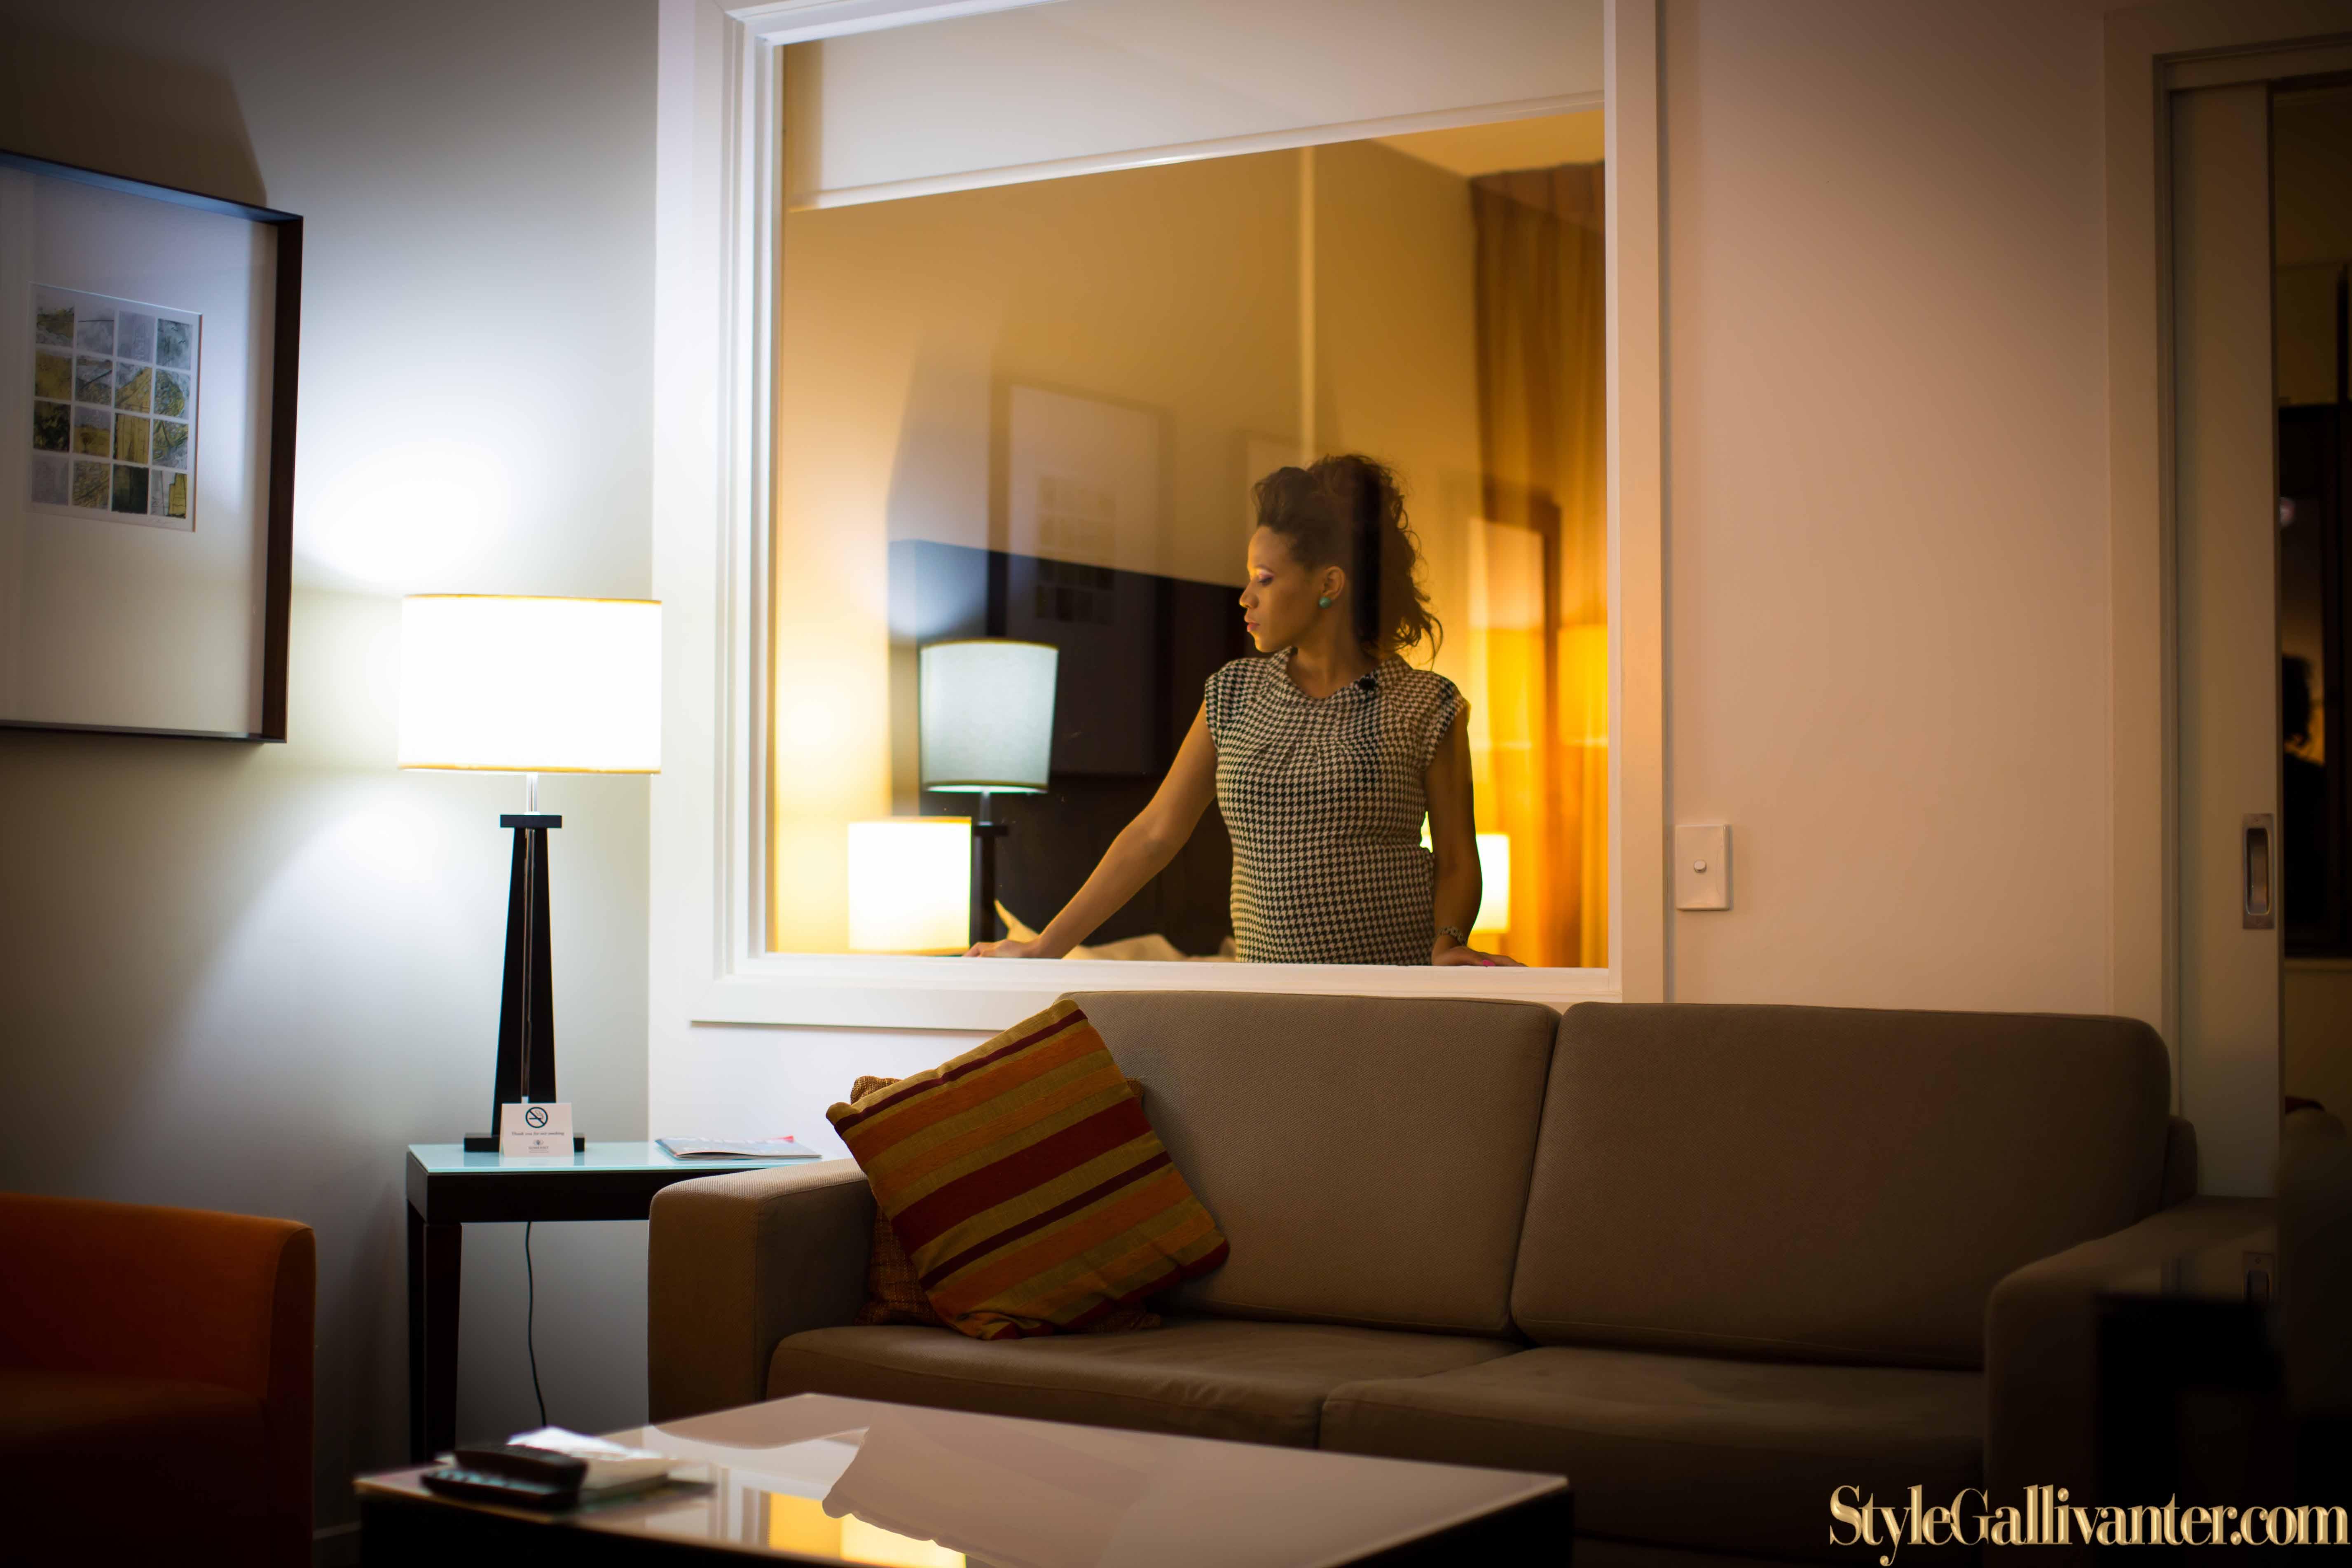 melbournes-hotels-bloggers_best-hotel-review-blogs-australia_somerset-on-elizabeth_best-serviced-apartments-melbourne_melbournes-budget-friendly-accomodation_melbourne's-best-serviced-apartments_melbourne-cbd-accomodation_freshly-pressed_getaway-hotels_melbournes-weekend-getaways-melbourne-australia